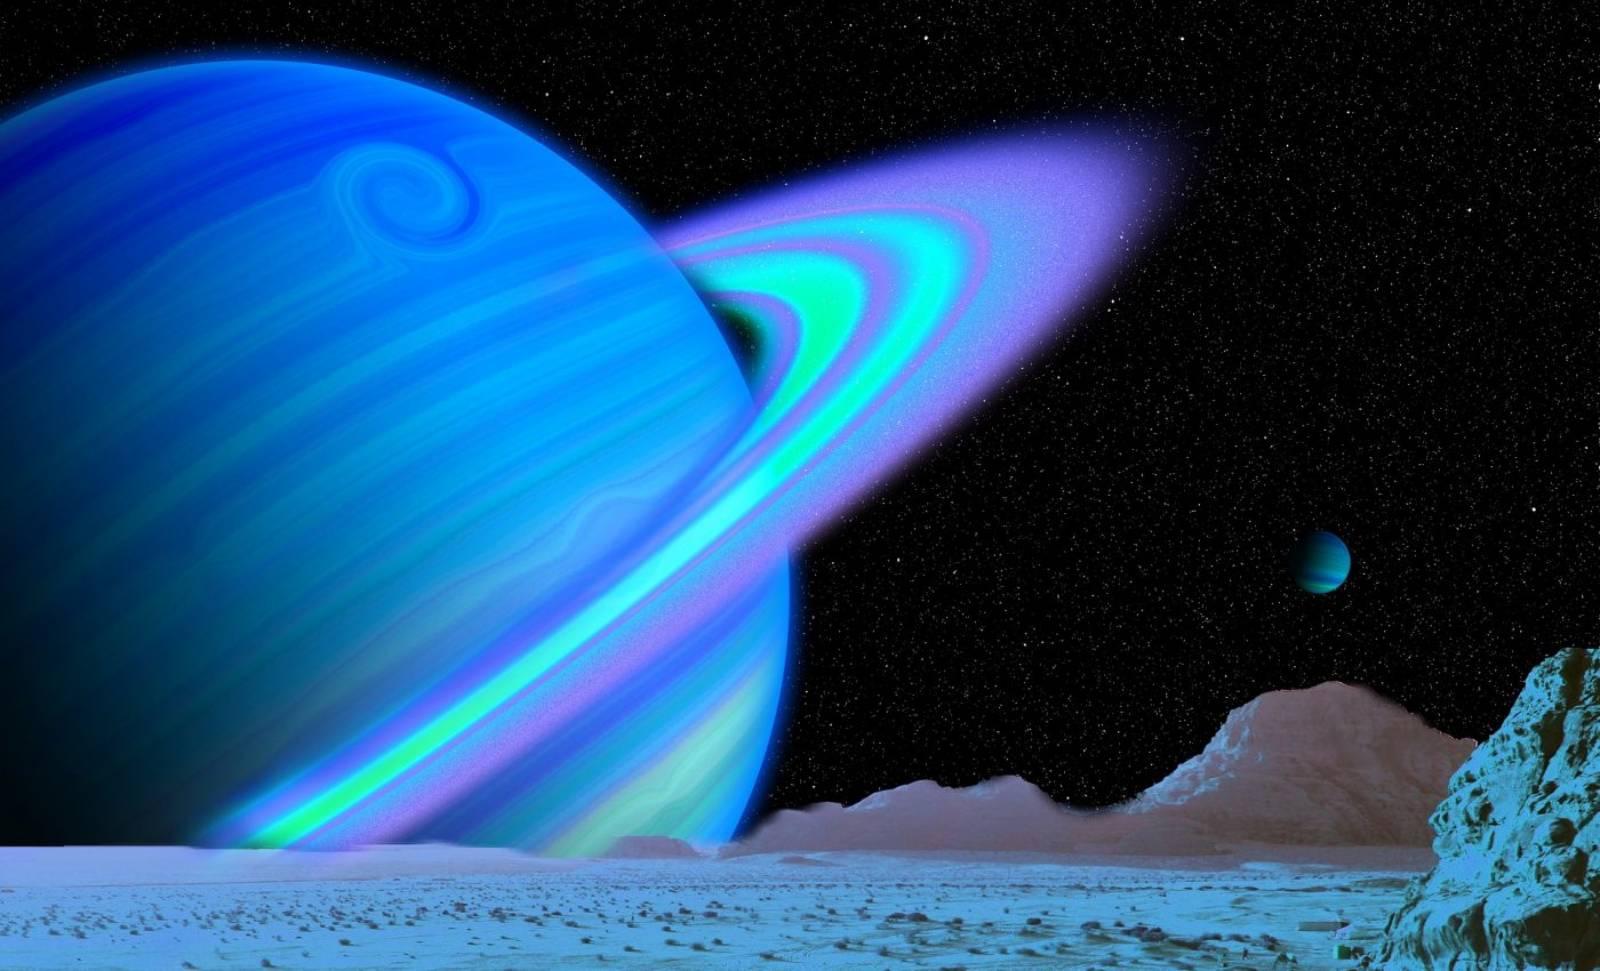 Planeta Uranus plasmoid